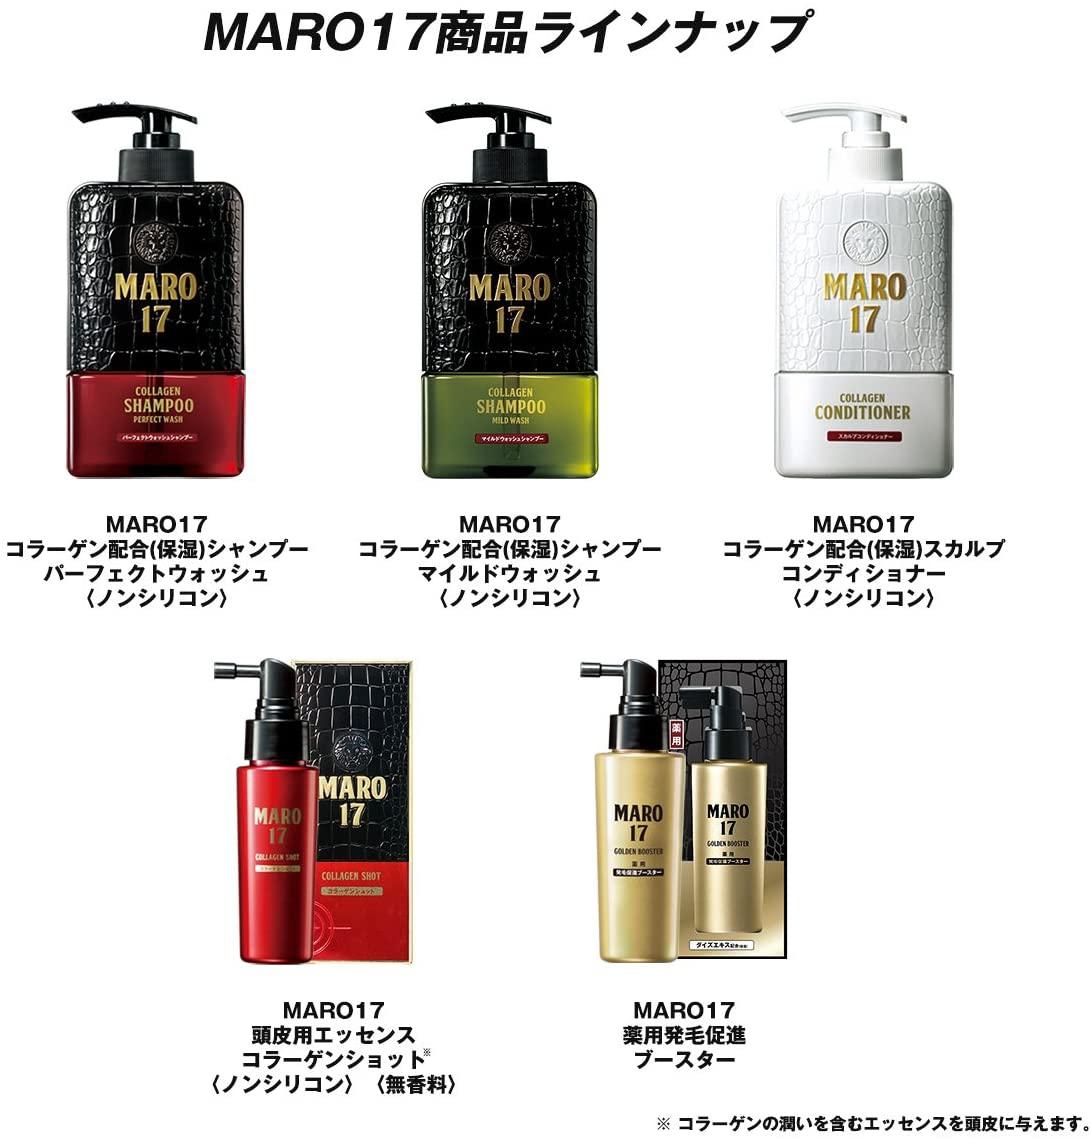 MARO17(マーロ17) 頭皮用エッセンス コラーゲンショットの商品画像7